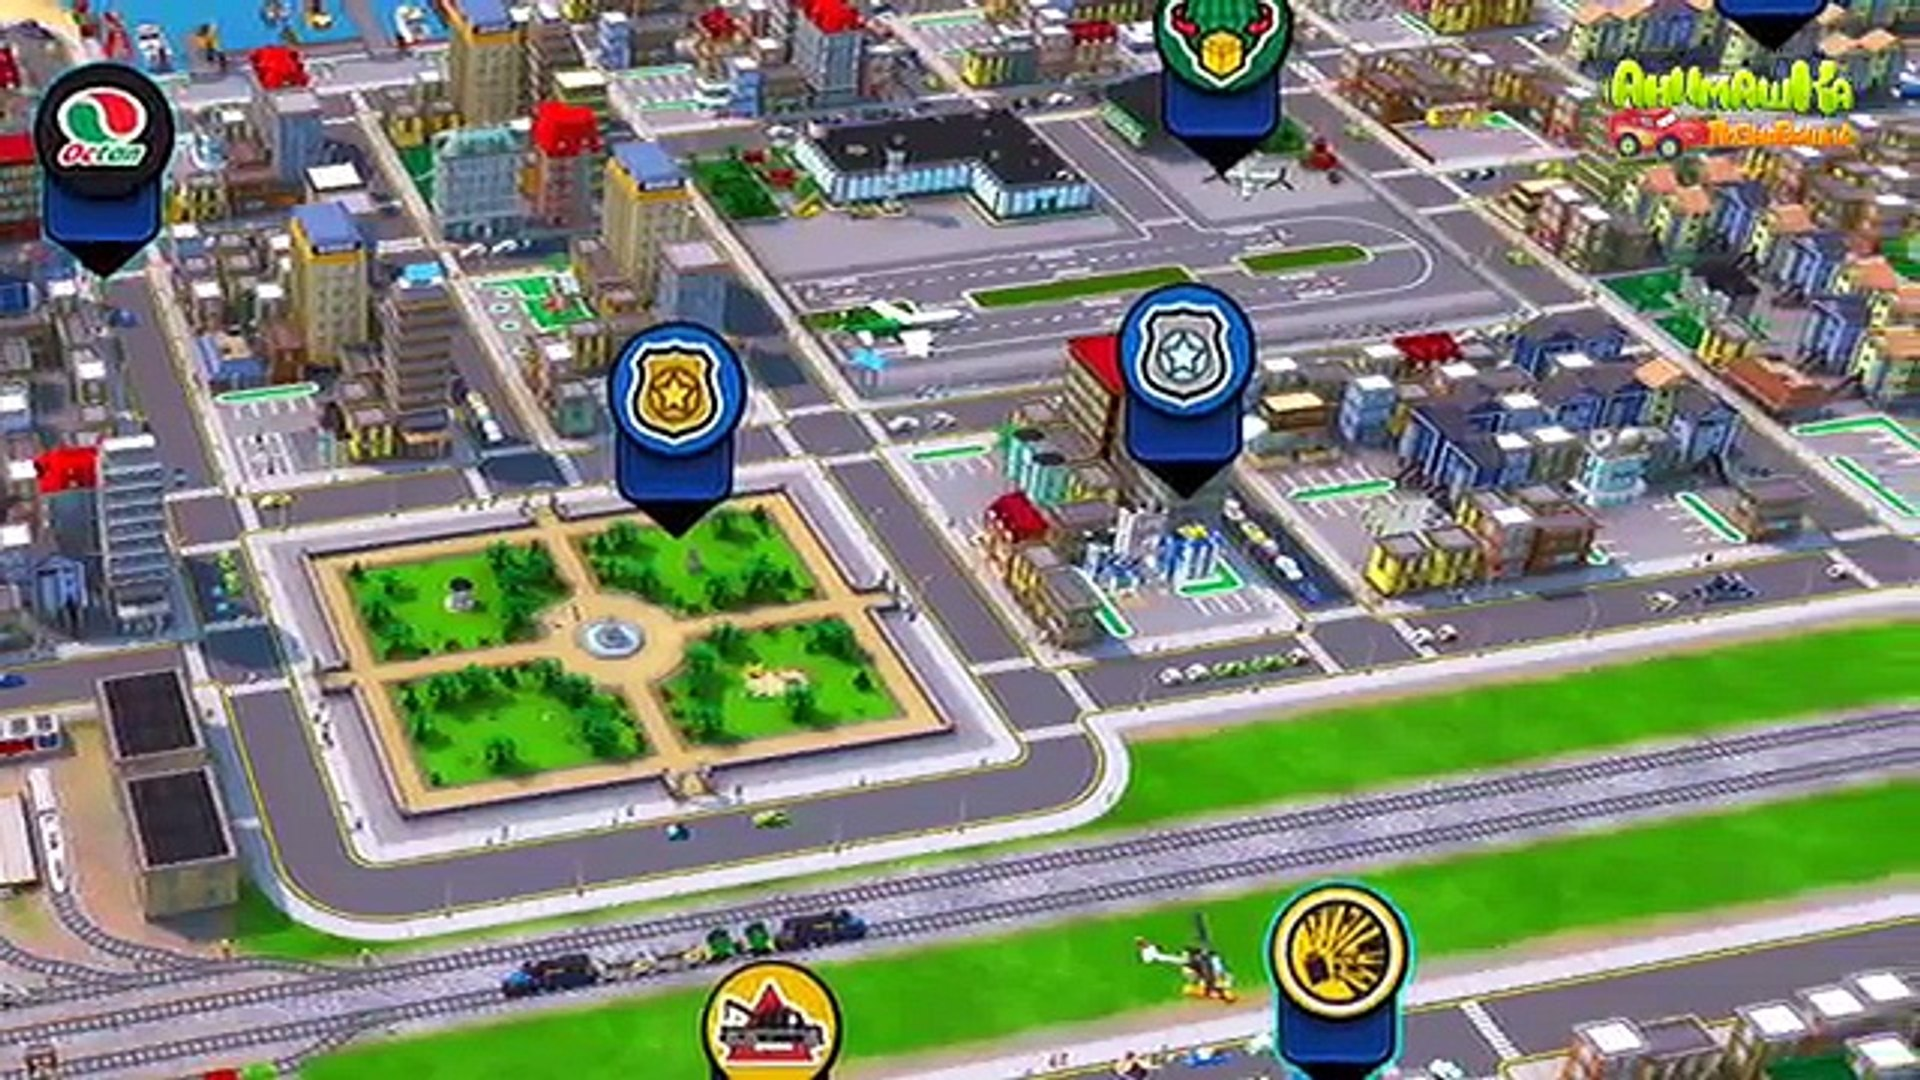 Мультик про машинки и паровозики. Мультфильм LEGO City. Прогулка по городу LEGO City.